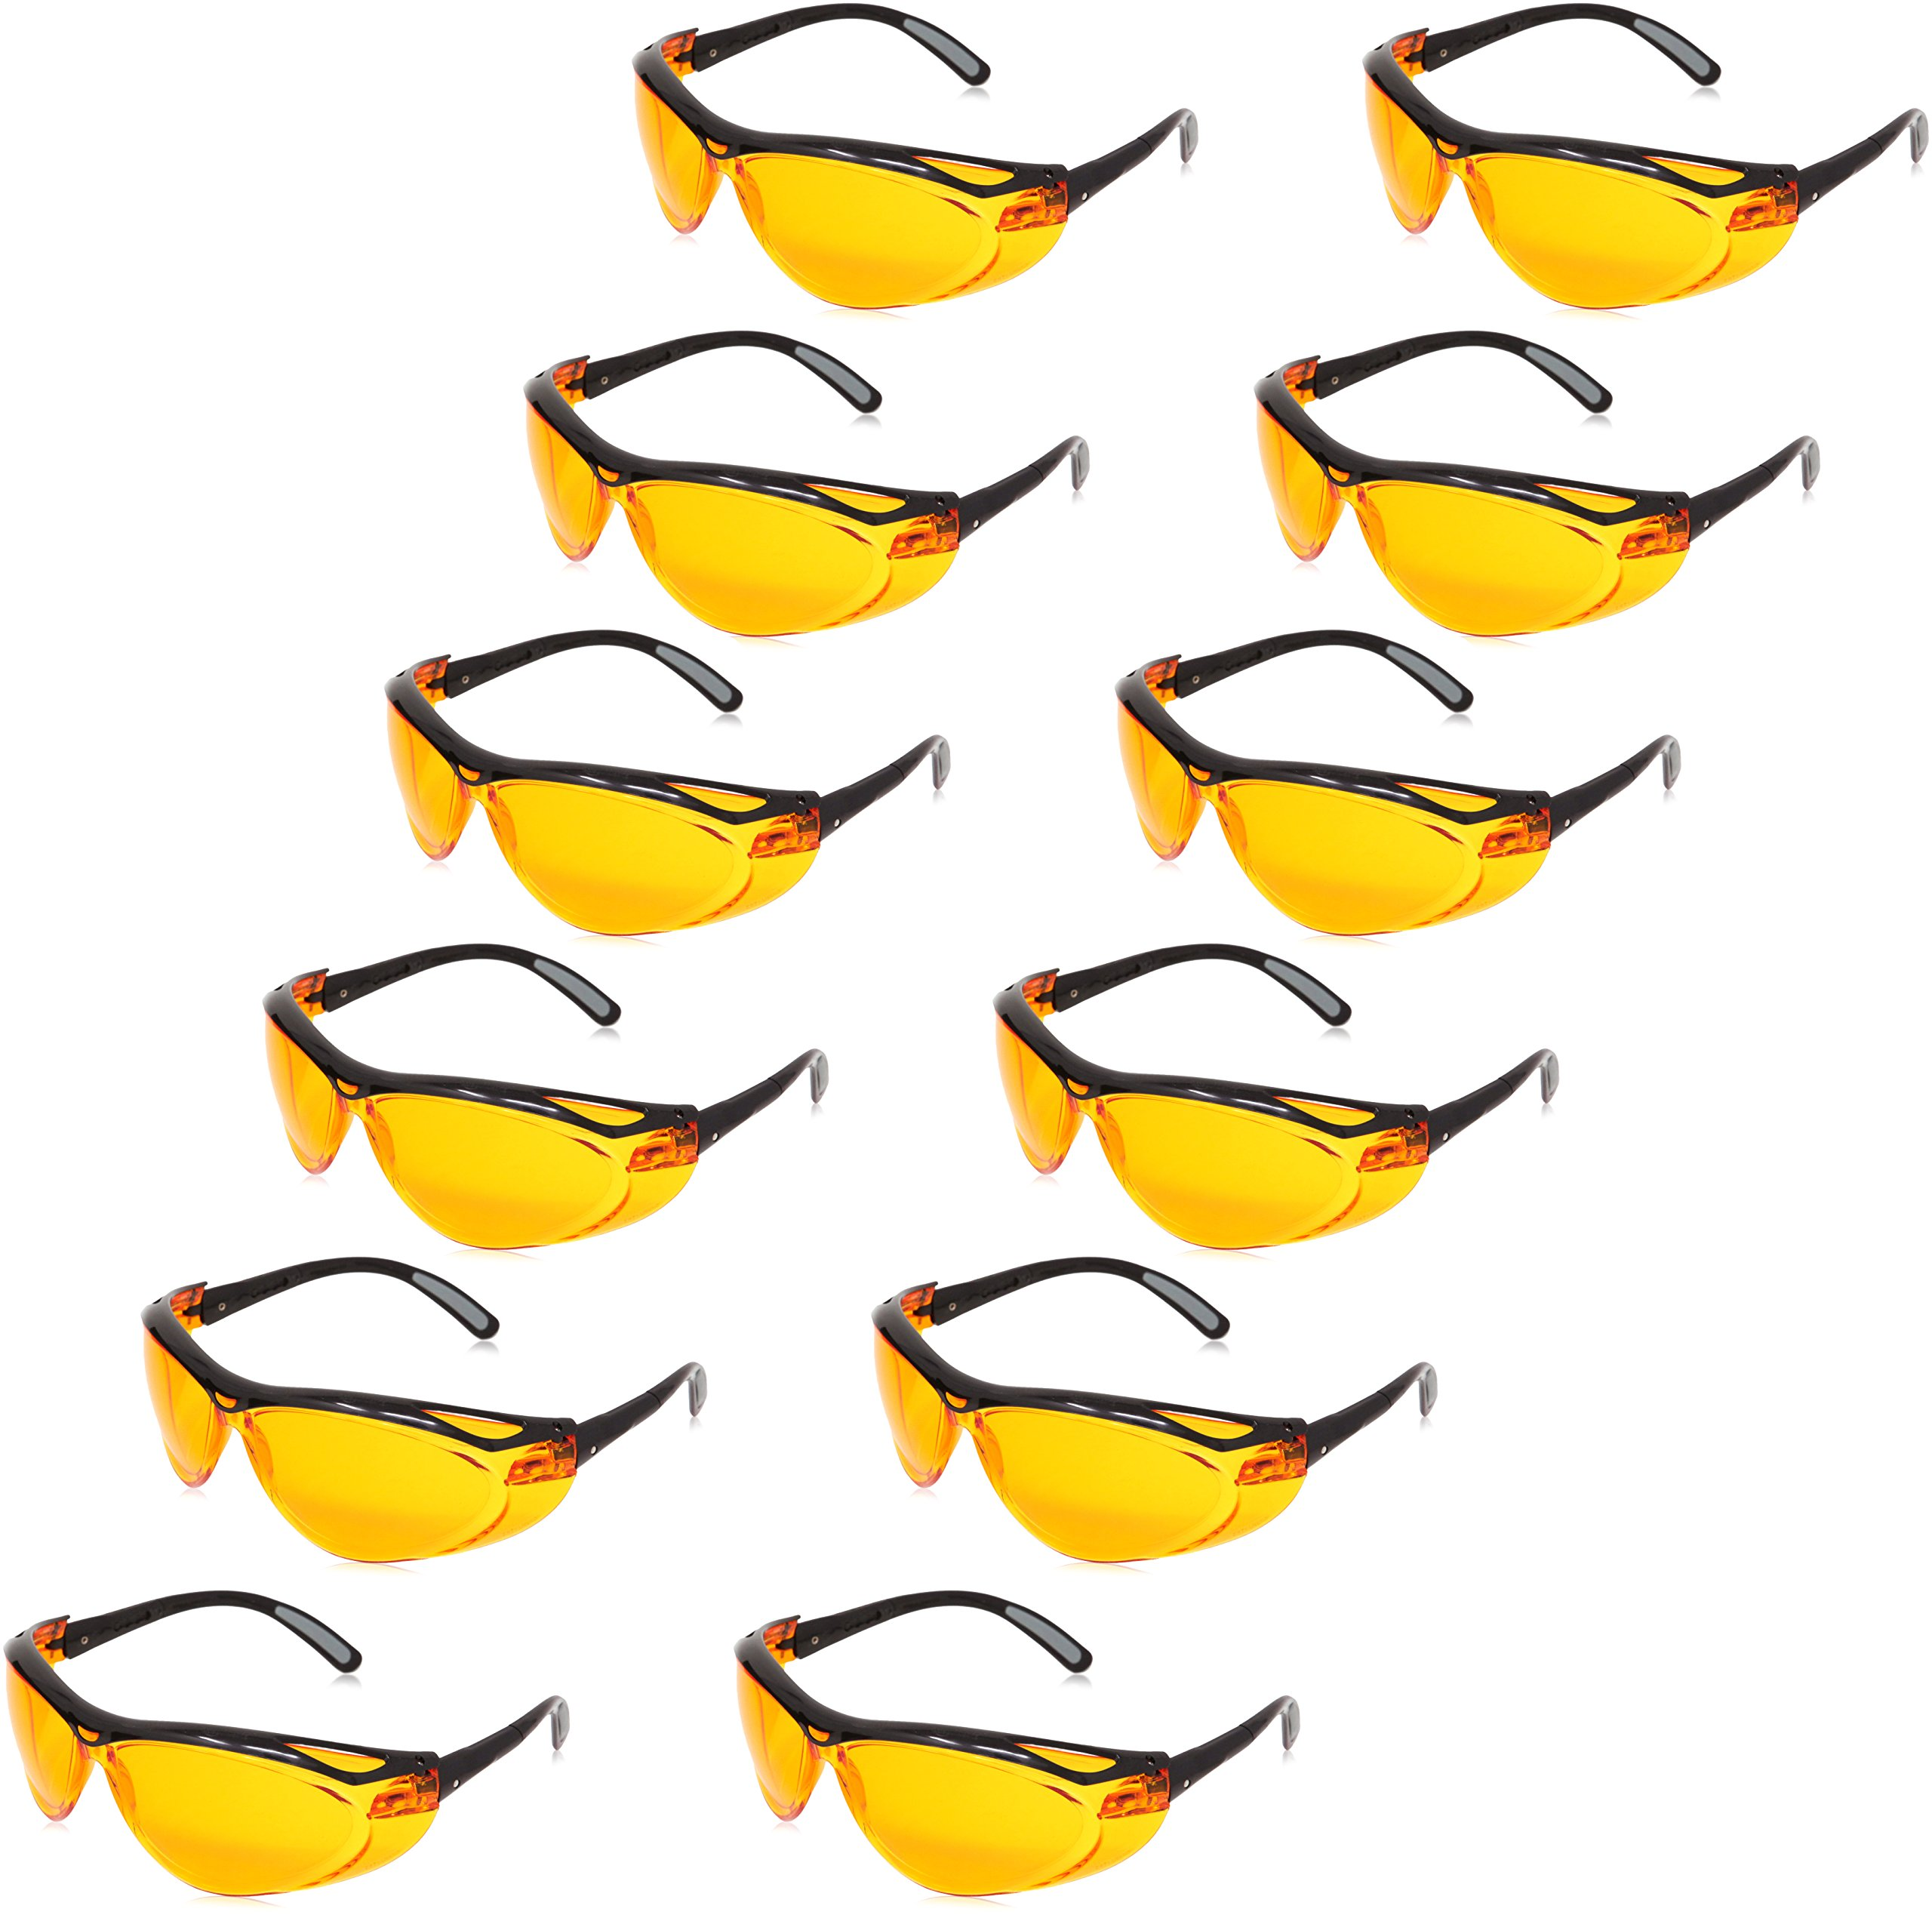 AmazonBasics Blue Light Blocking Safety Glasses, Anti-Fog, Orange Lens, 12-Count by AmazonBasics (Image #2)